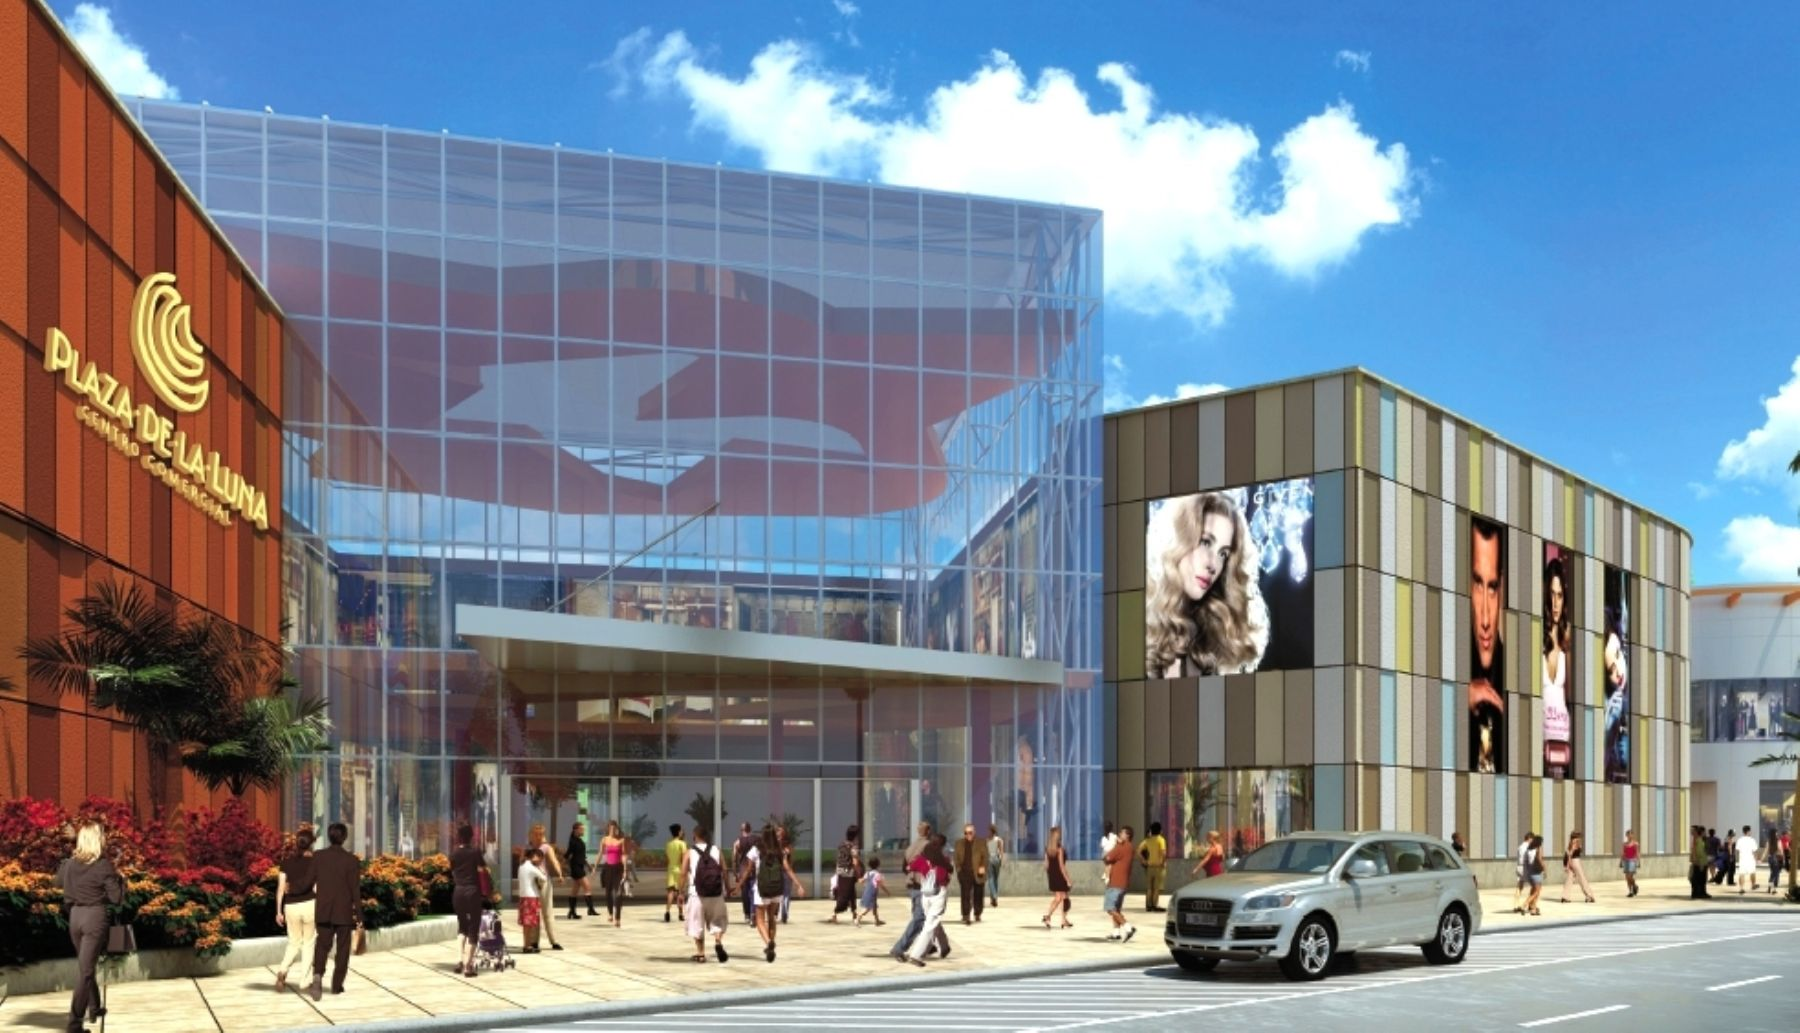 Futuro local del centro comercial Plaza de la Luna en Piura. FOTO: Difusión